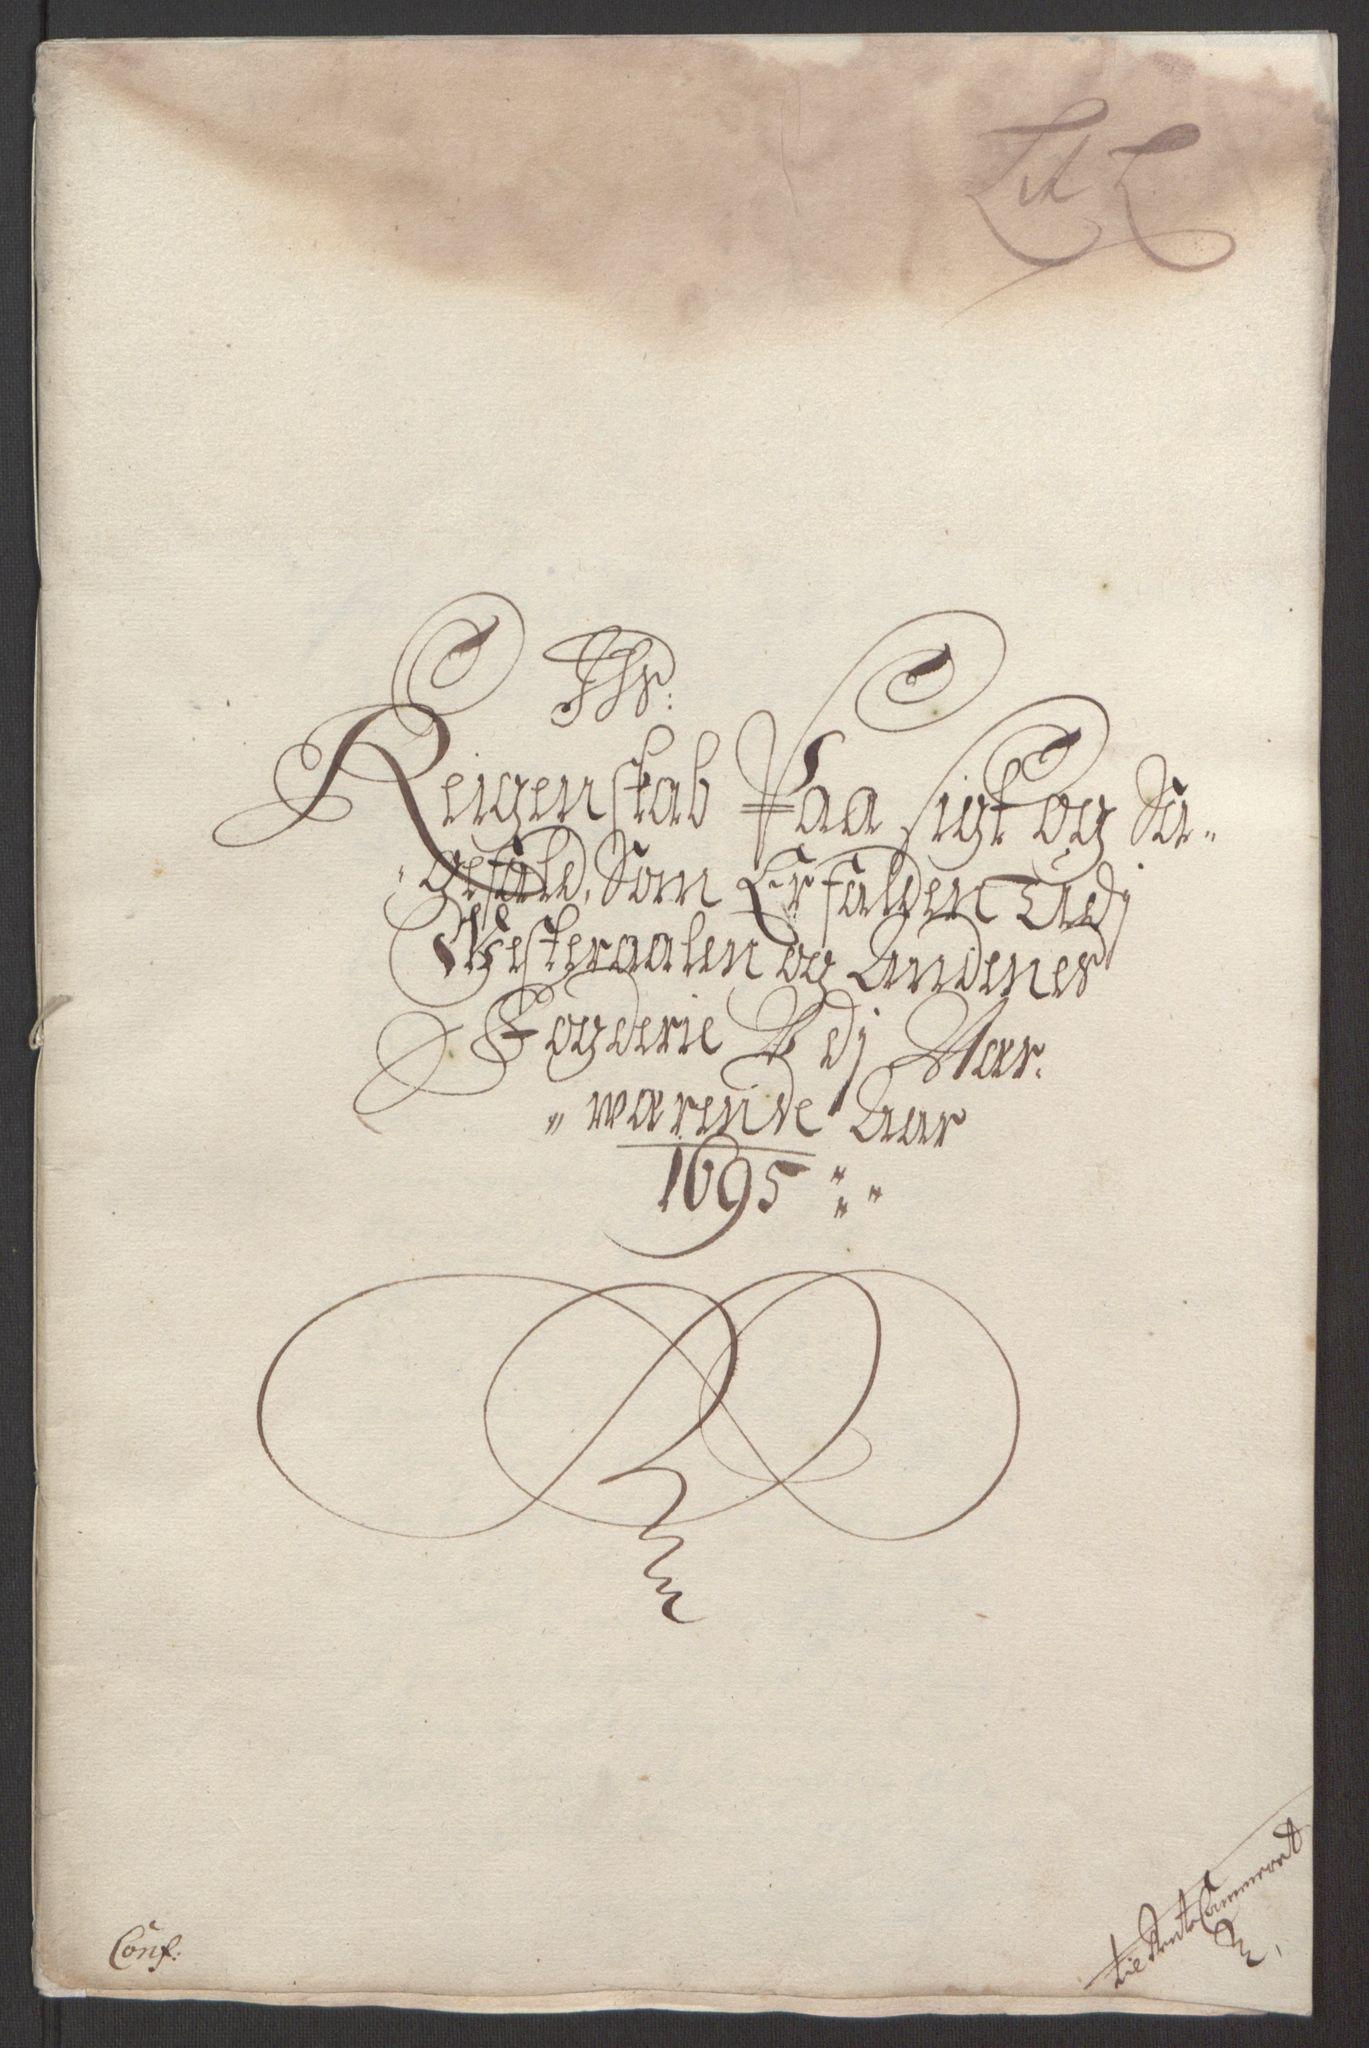 RA, Rentekammeret inntil 1814, Reviderte regnskaper, Fogderegnskap, R67/L4677: Fogderegnskap Vesterålen, Andenes og Lofoten, 1694-1695, s. 305